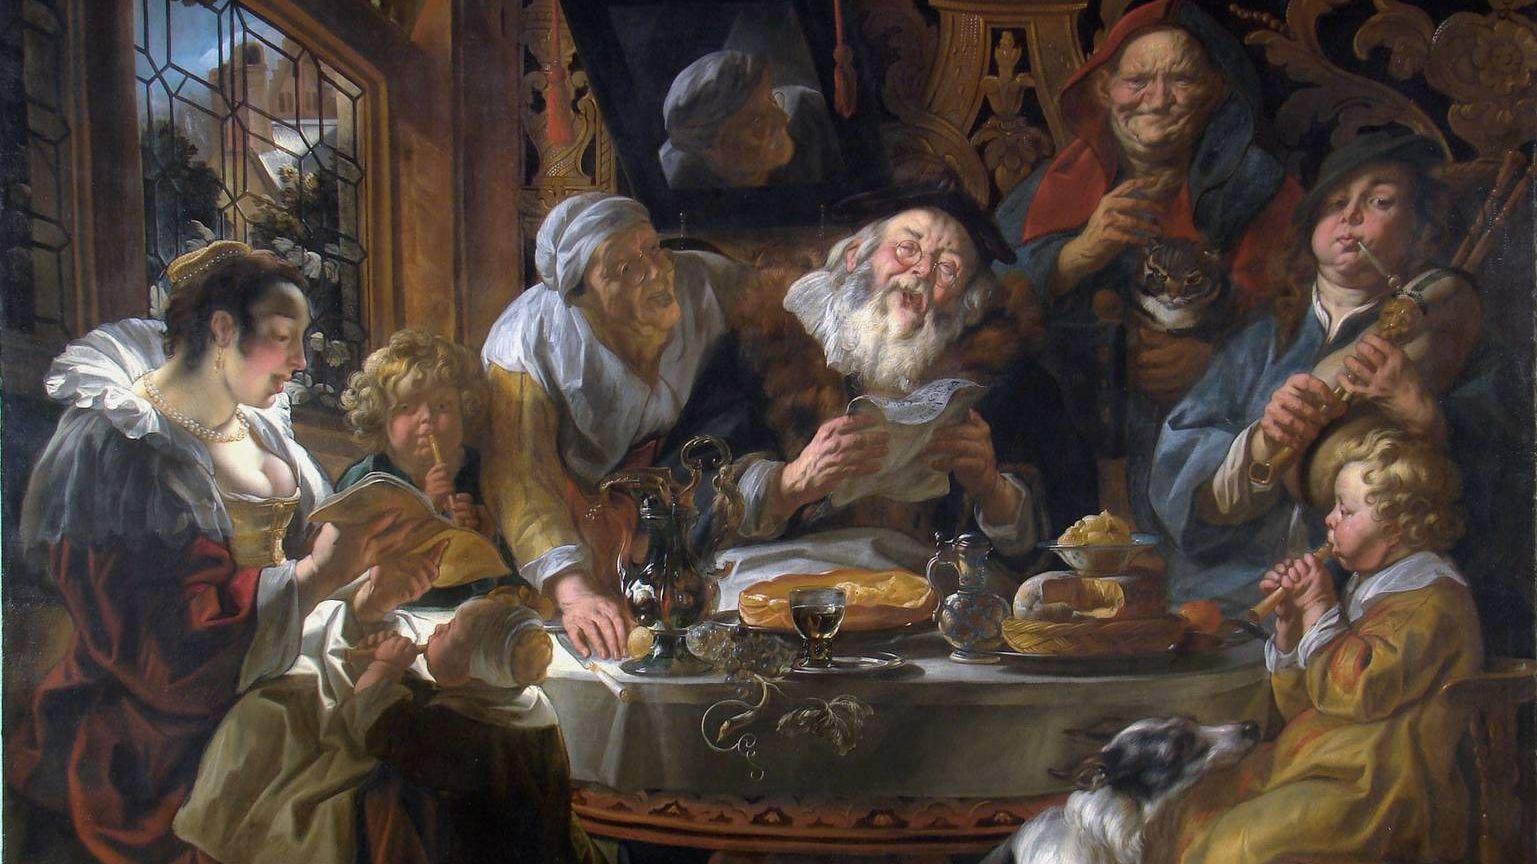 Йорданс Якоб. Старый Санг поет, молодеж играет на дудках. 17 век